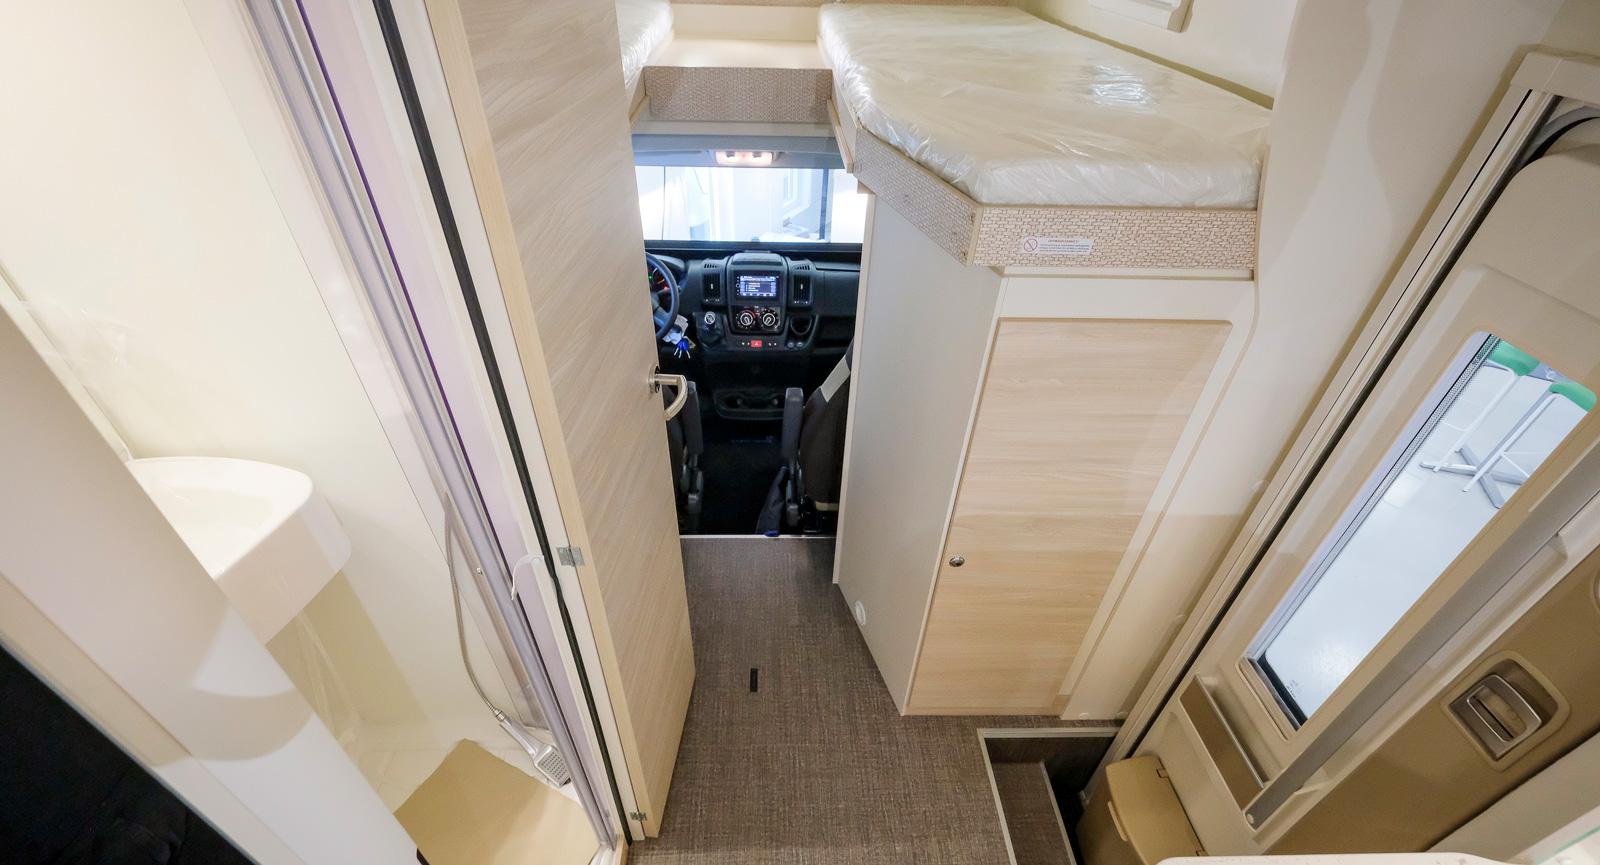 Från entrén når man enkelt en garderob lämplig för ytterplagg. Även köket är lätt att nå när det ska dukas under markisen.